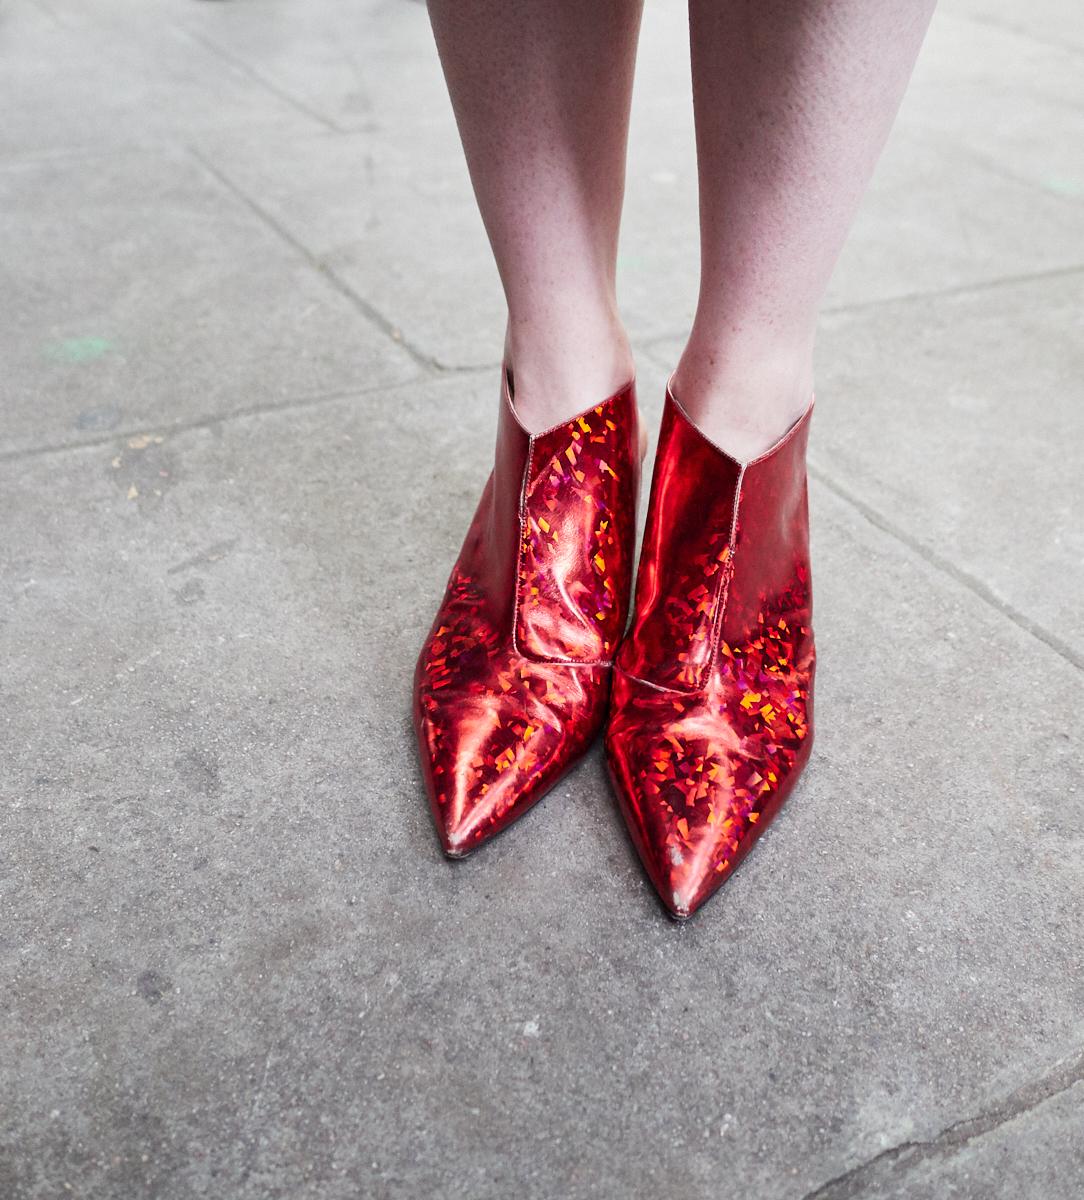 Shoes1600x1200 sRGB 1.jpg